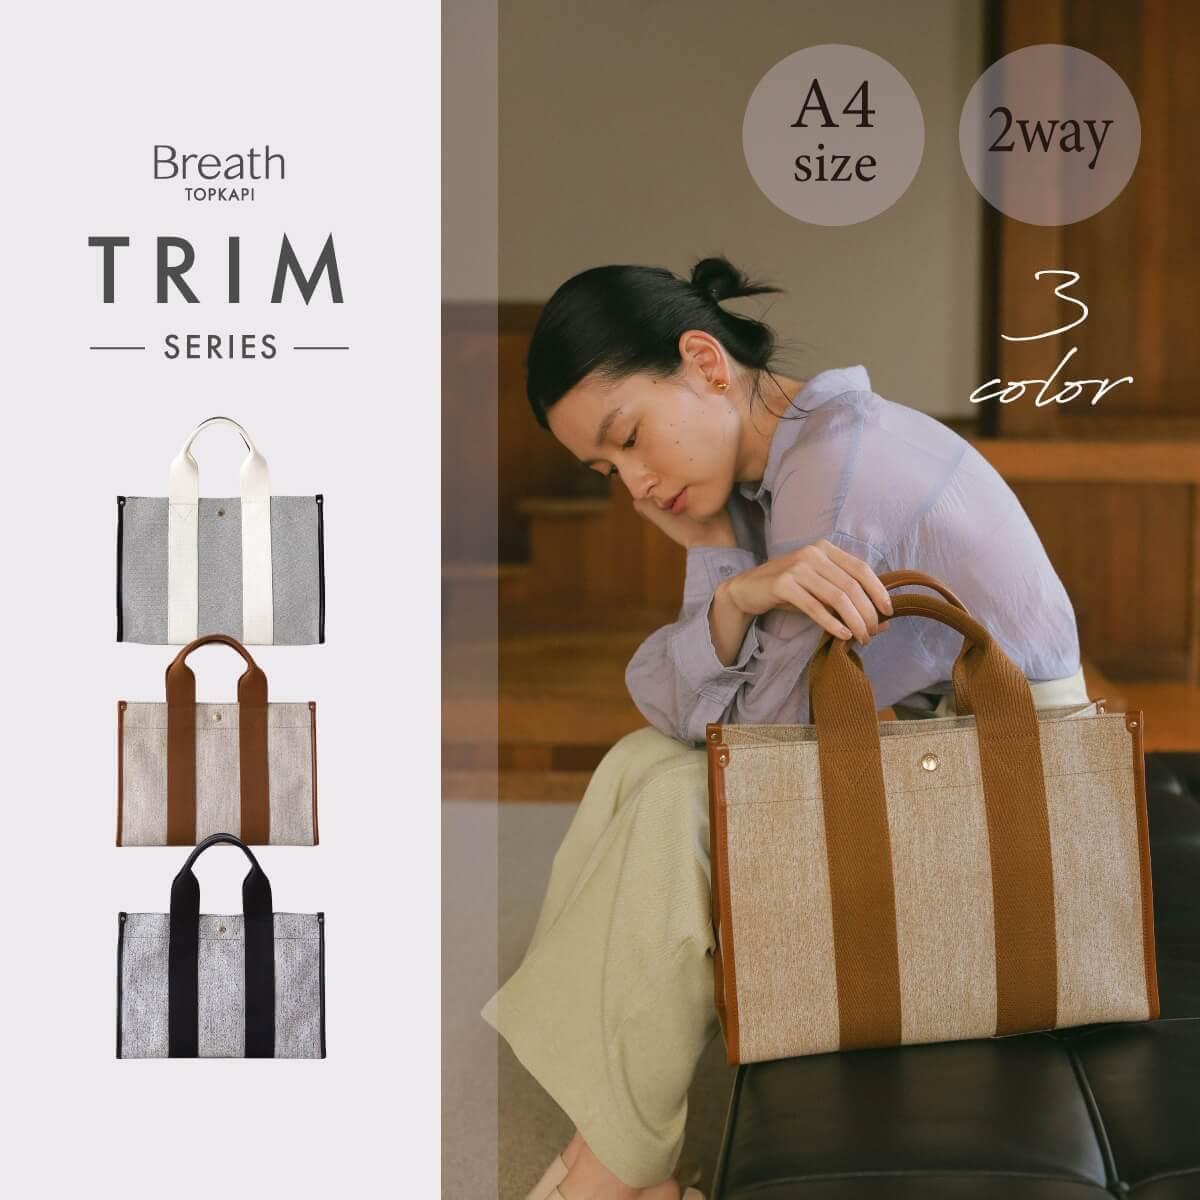 【公式】[トプカピ ブレス] TOPKAPI BREATH コットン キャンバス 2WAY ミドル トートバッグ TRIM トリム